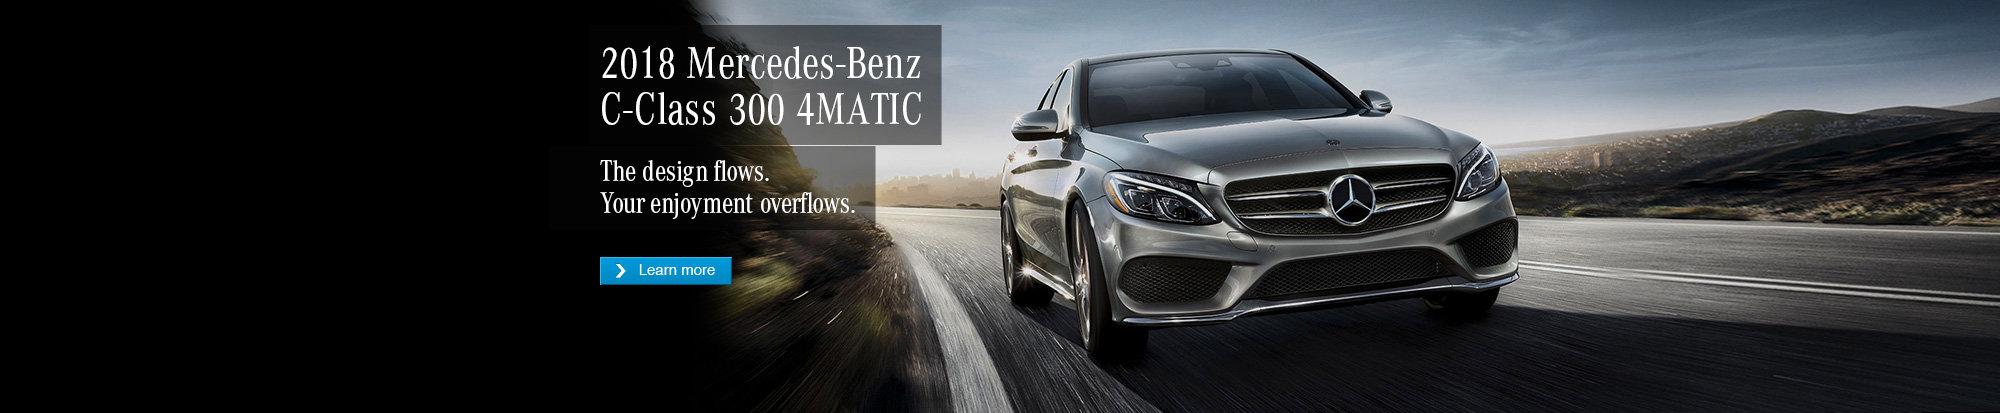 Démos Mercedes -Benz C-Class 300 4MATIC